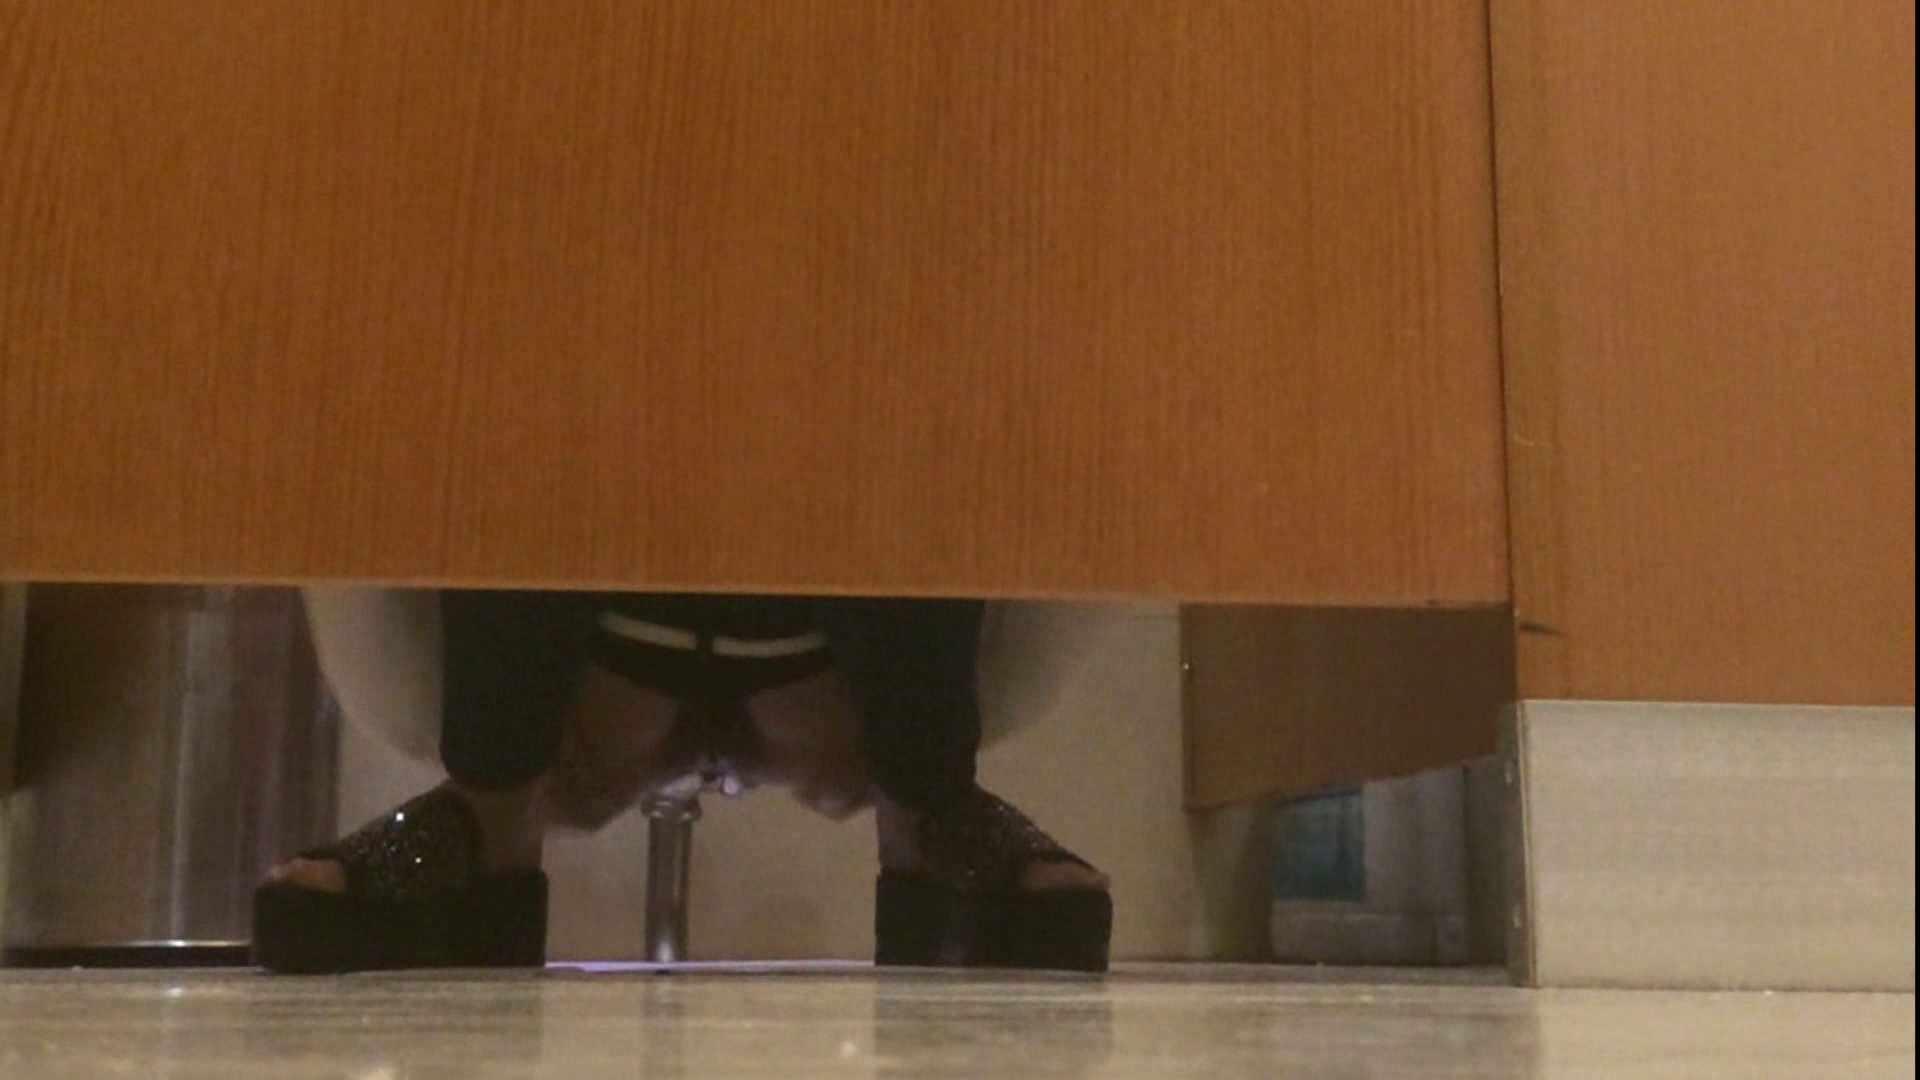 隣国化粧室下から御免!! No.14 洗面所 | お姉さん攻略  107画像 43